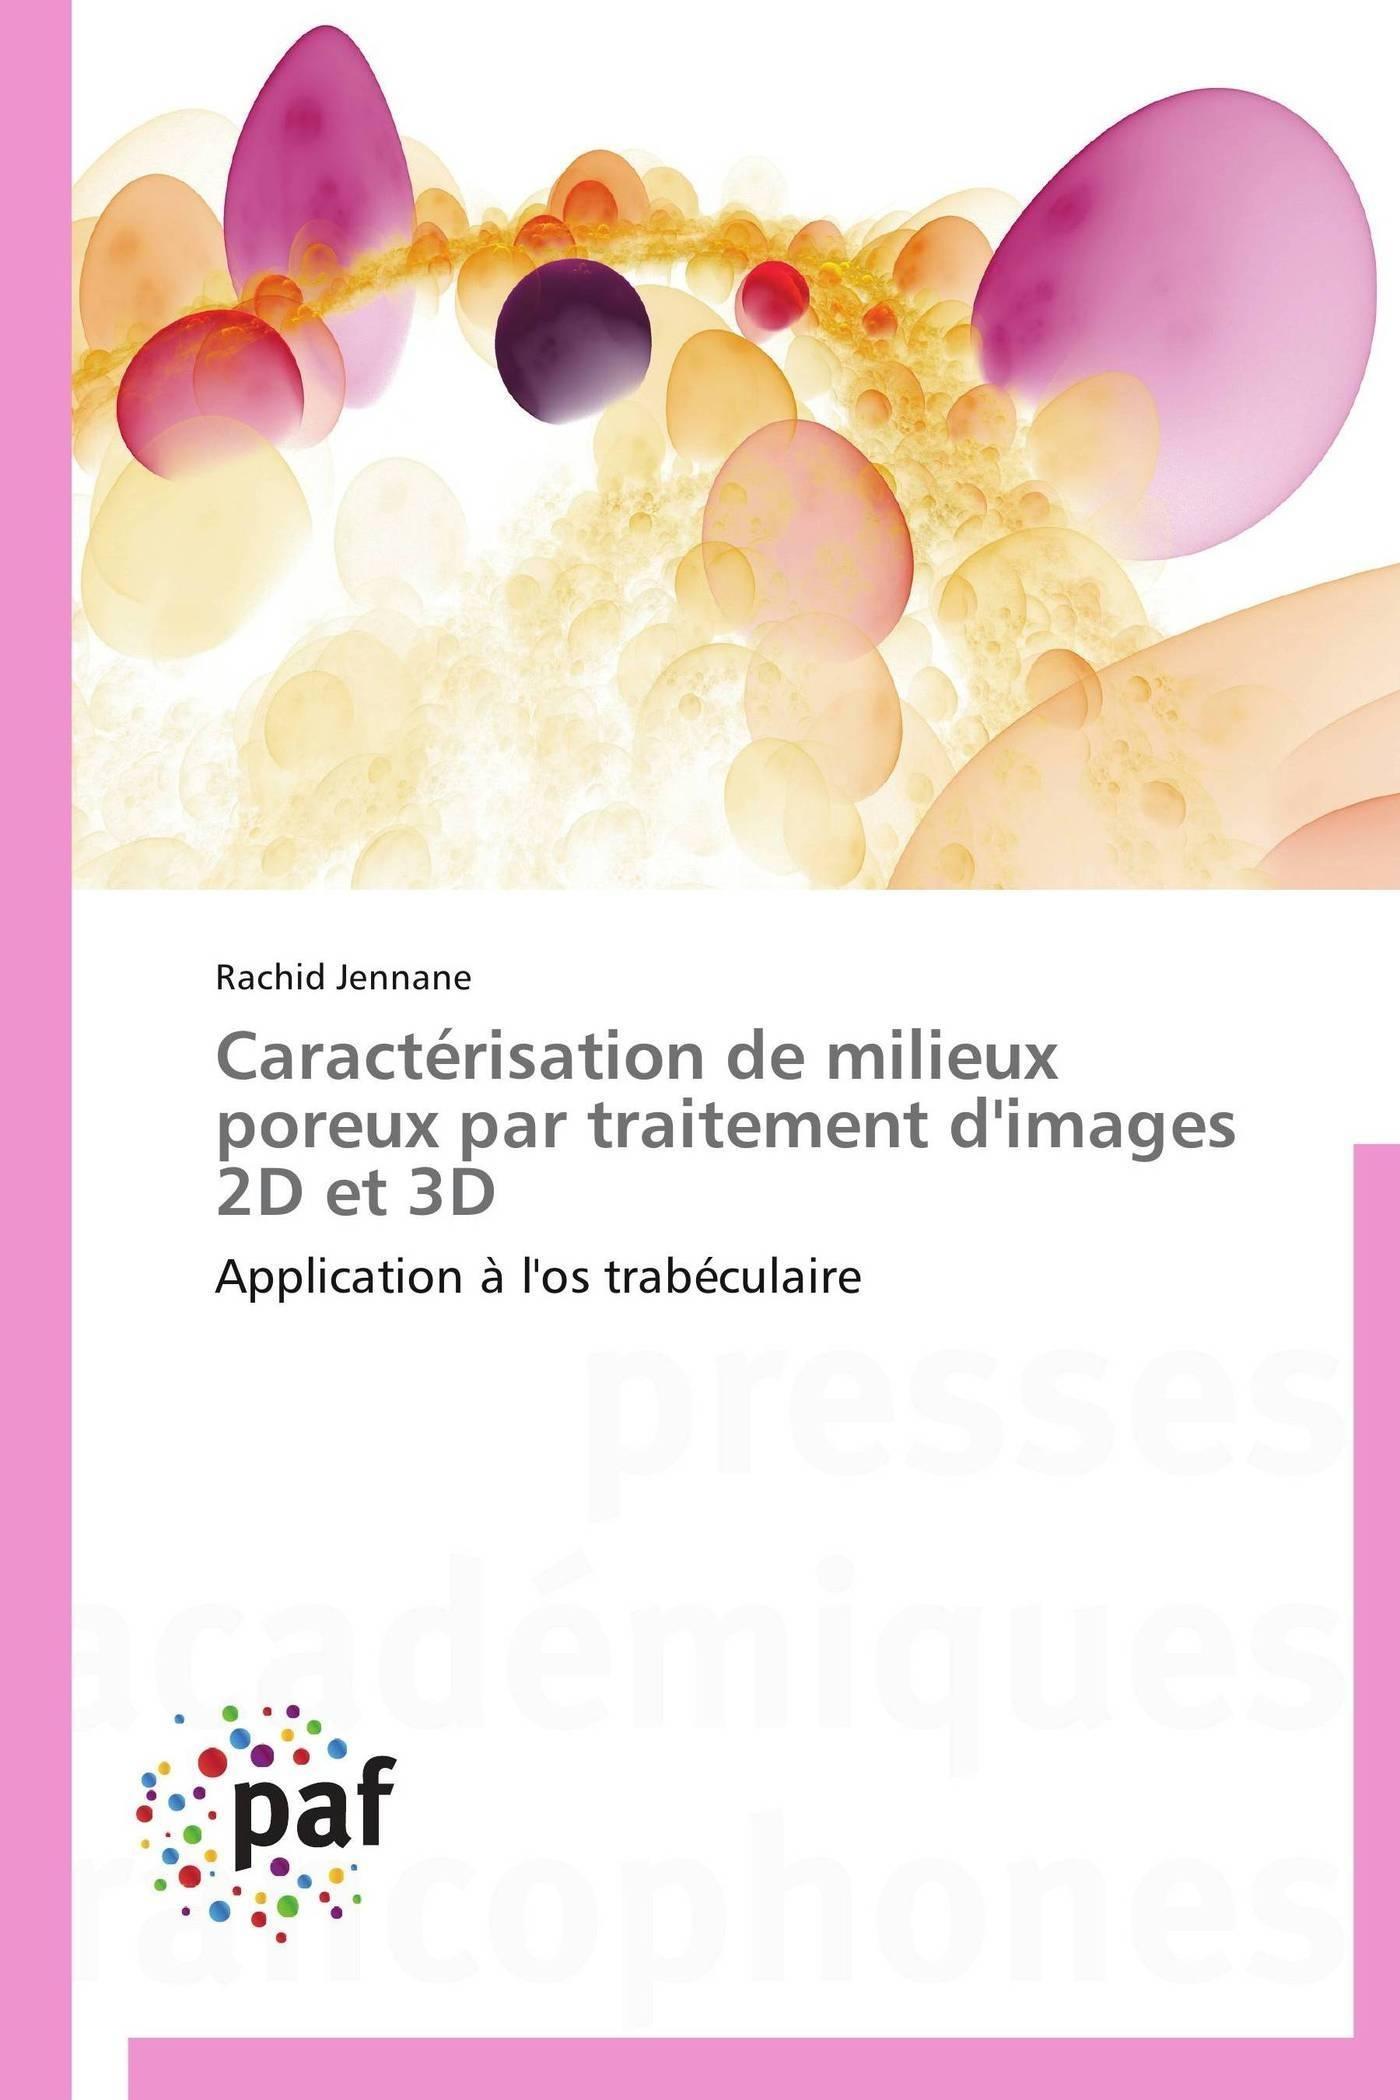 CARACTERISATION DE MILIEUX POREUX PAR TRAITEMENT D'IMAGES 2D ET 3D